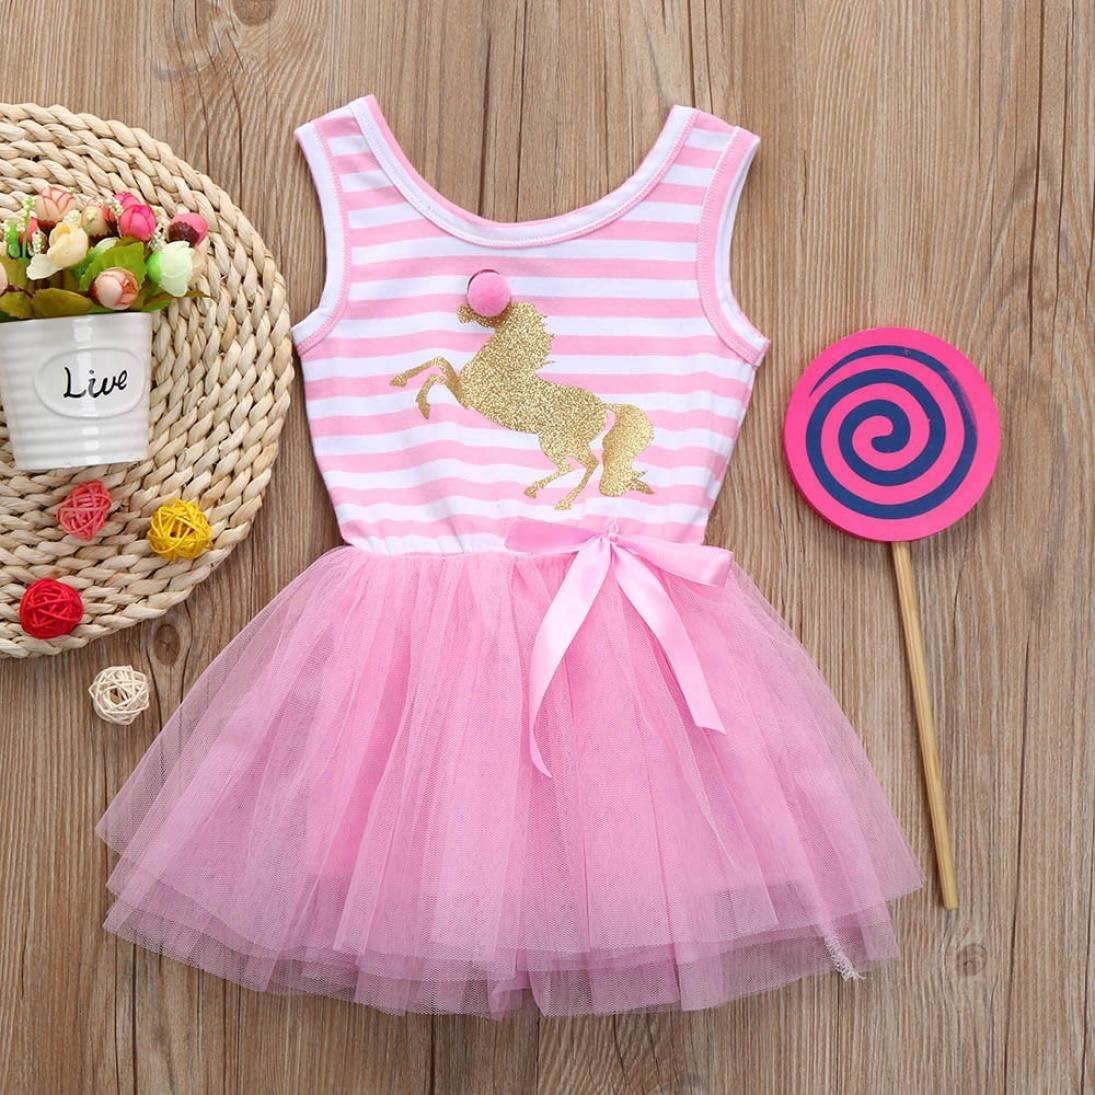 JERFER Streifen Sleeveless Festzug Party Prinzessin Kleid Kleinkind Kinder Baby M/ädchen Kleidung